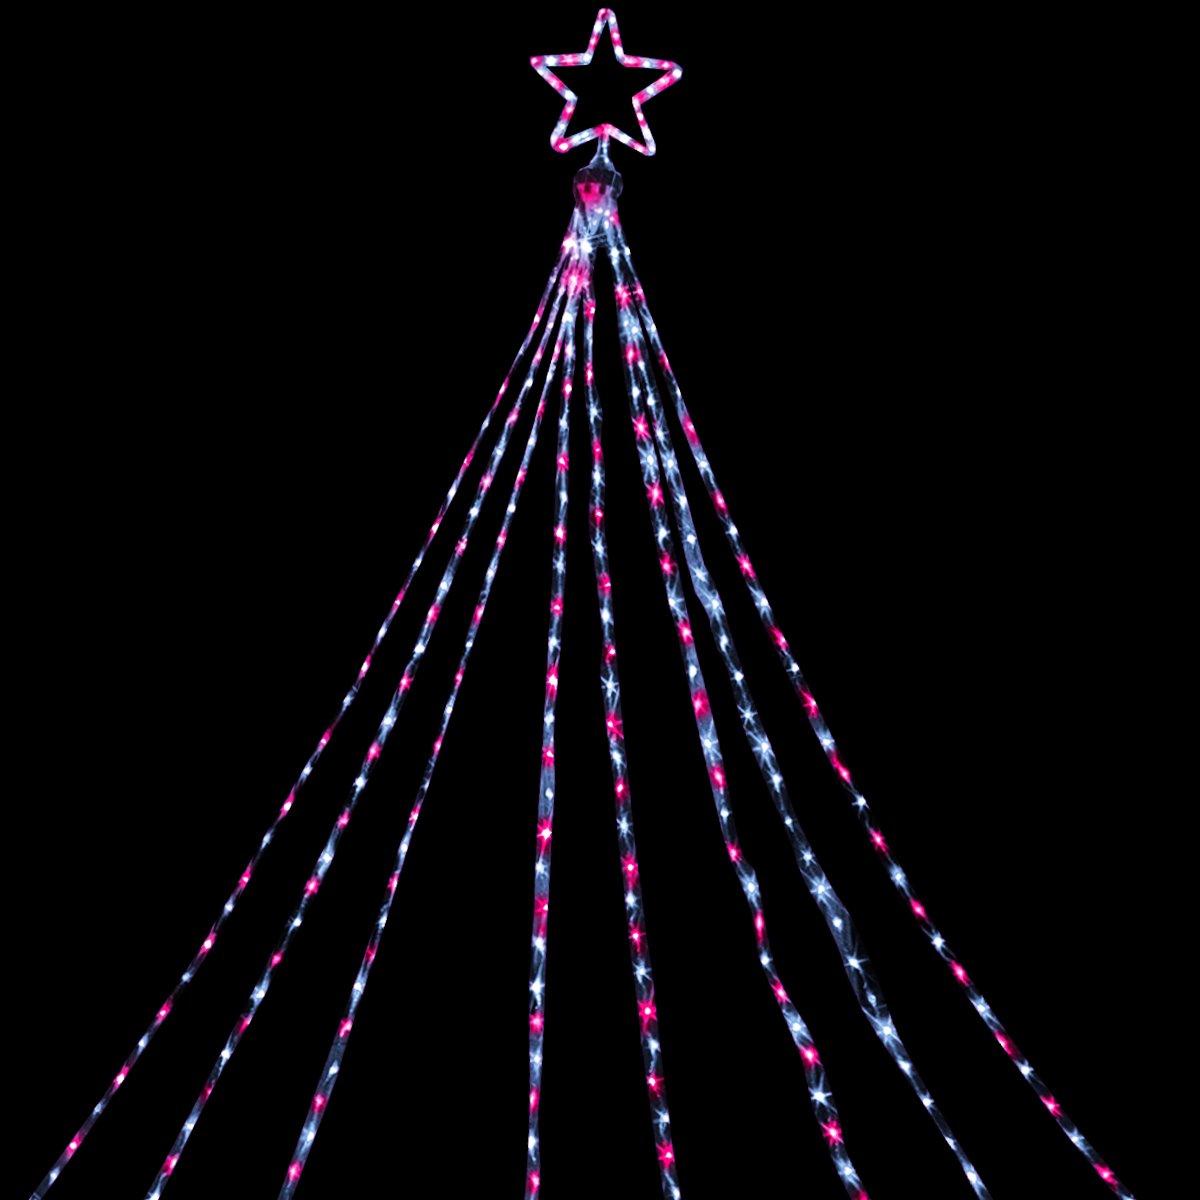 電光ホーム イルミネーション ドレープライト 5m×8本 (ホワイト&ピンク) B01N8PEULK 21384 ホワイト&ピンク ホワイト&ピンク